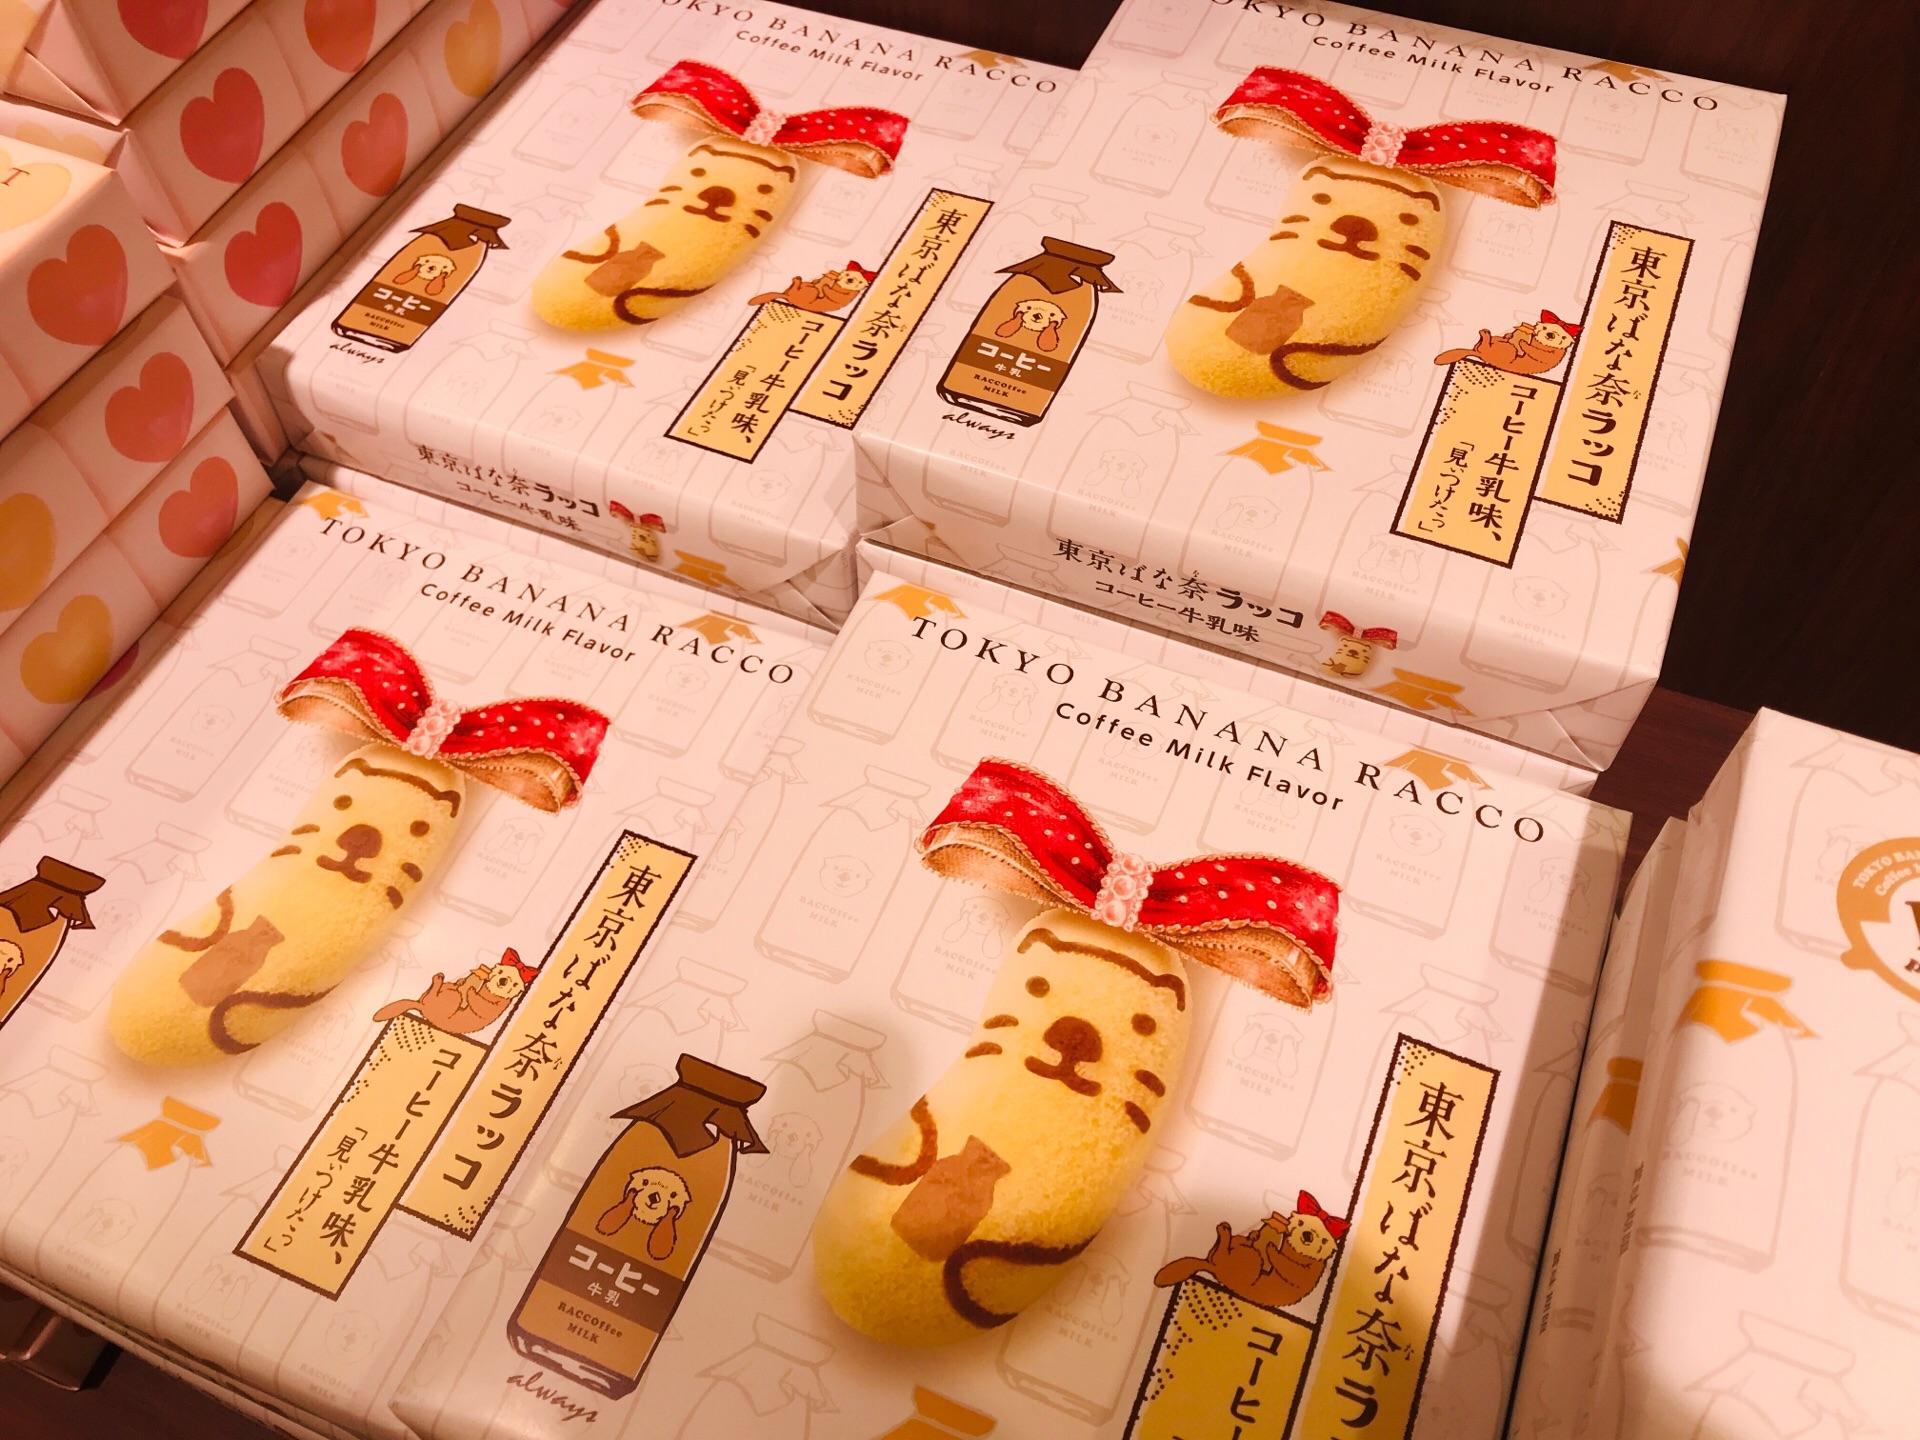 東京のおしゃれなお土産特集《2019年》- 東京限定のお土産や、人気お土産ランキングまとめ_34